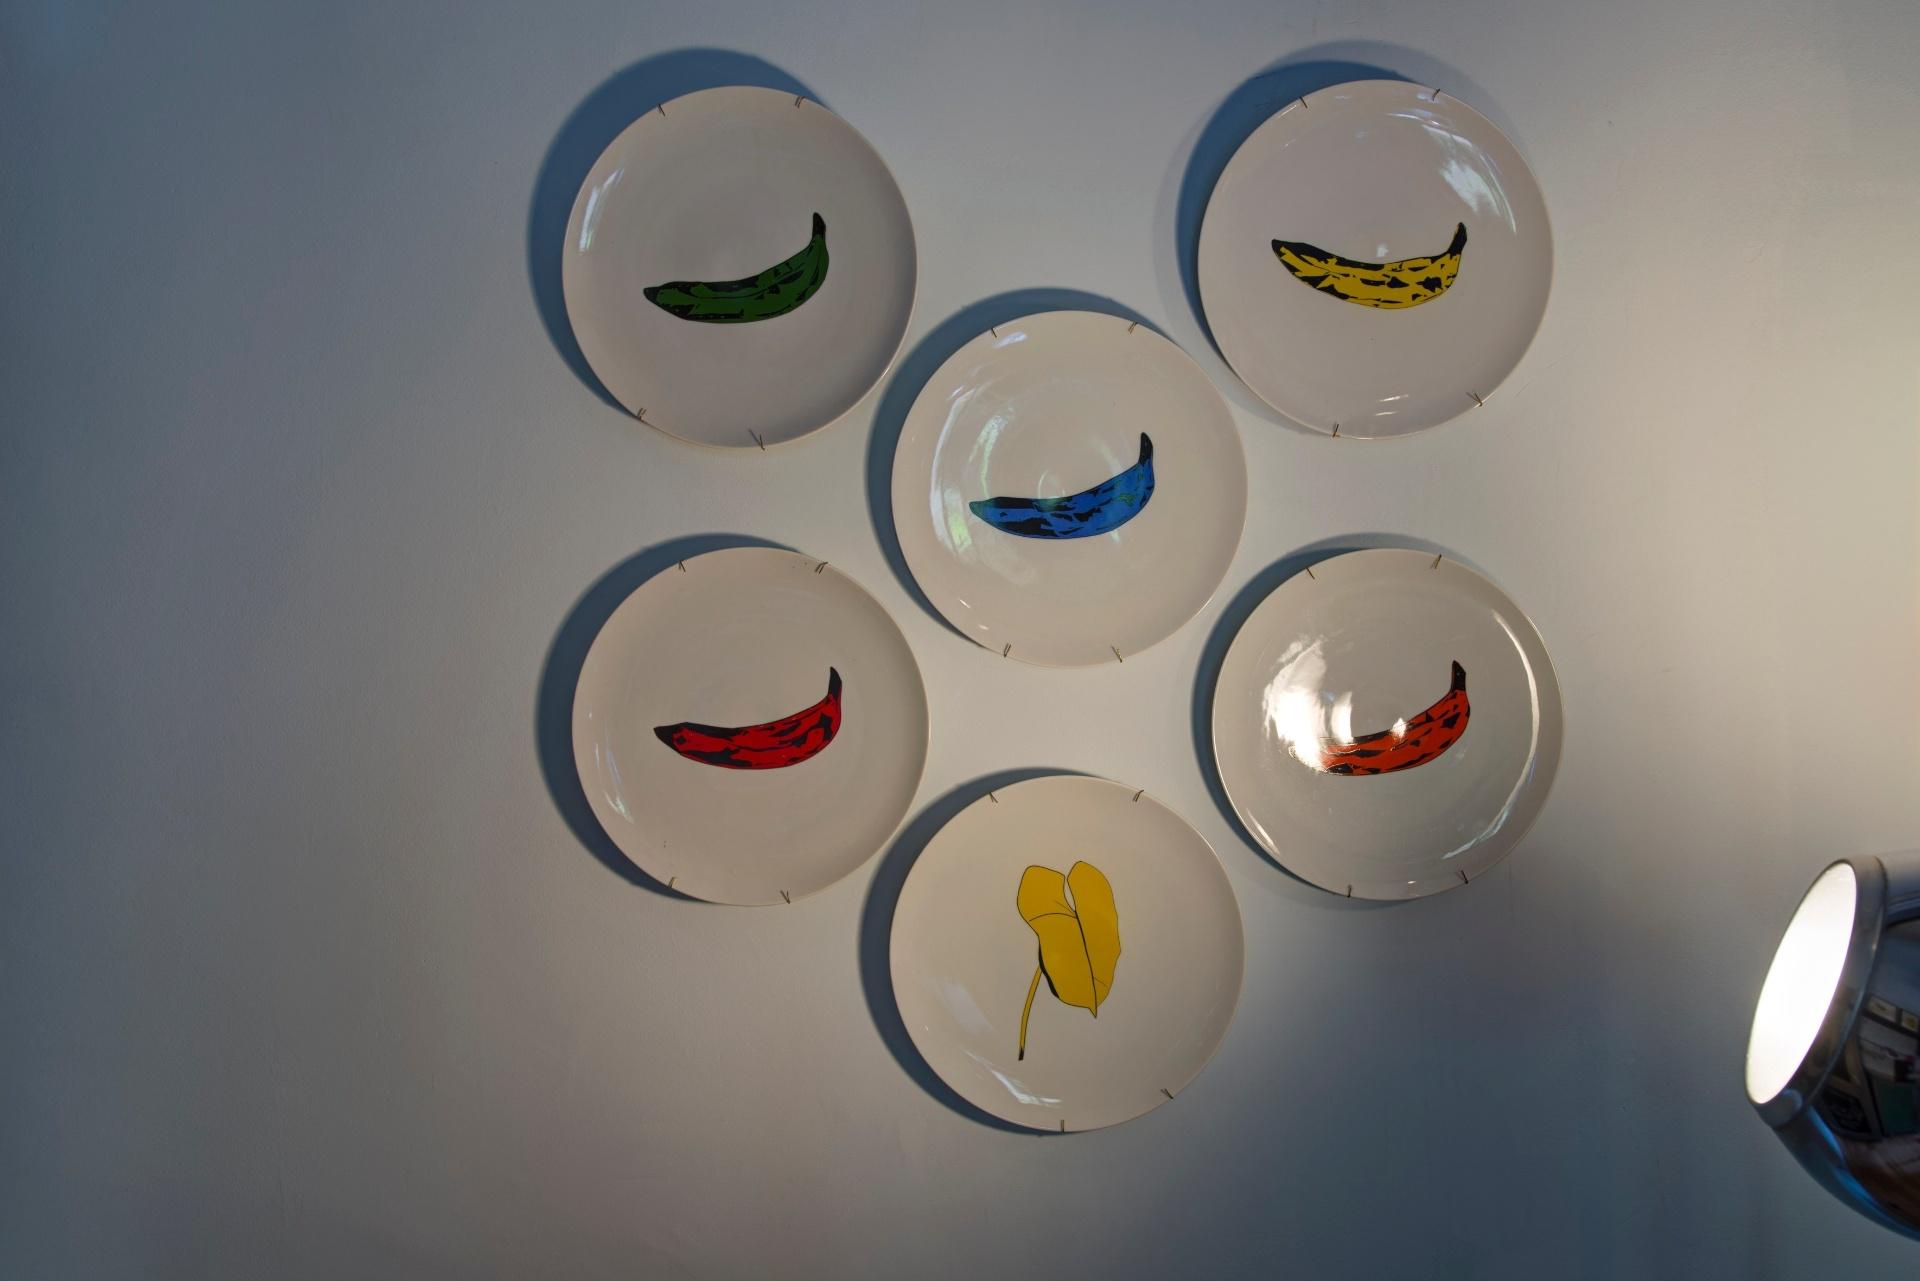 Pratos decorativos - Na cozinha do Chalé do Jogador de Golfe, projetado por Antonio Ferreira Junior e Mario Celso Bernardes, os desenhos dos pratos (Greghi Design) pontuam cor à parede branca